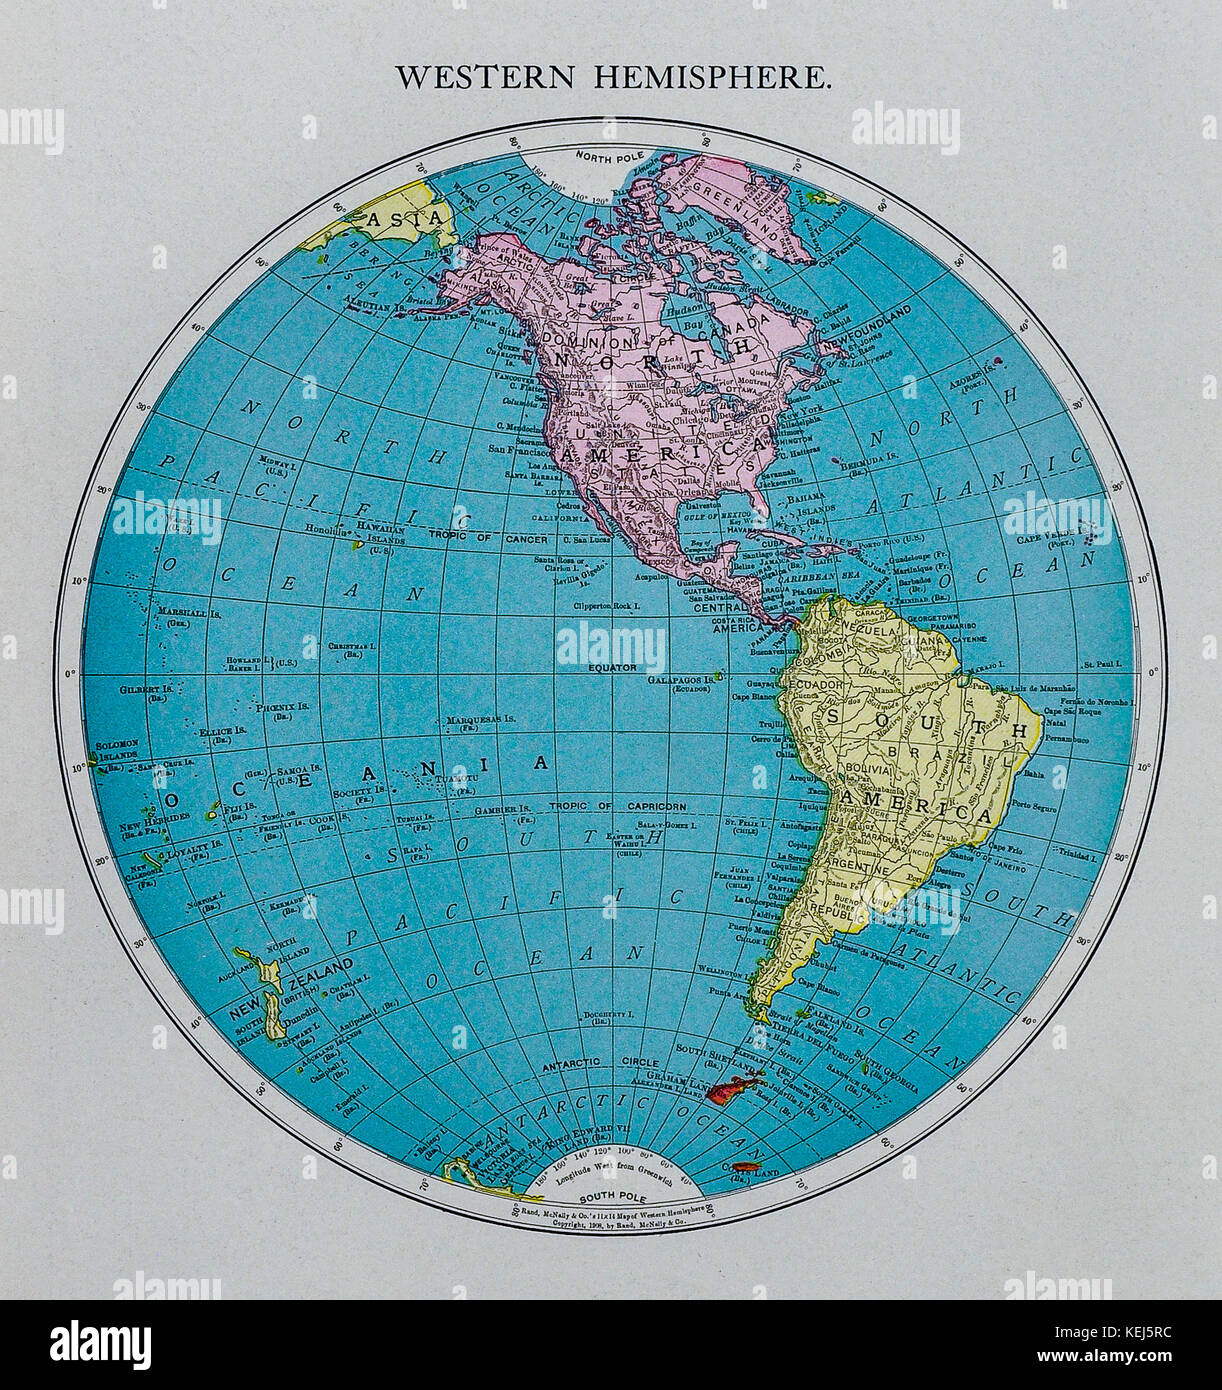 America Occidentale Cartina.Mcnally Mondo Antico Emisfero Occidentale Mappa 1911 Mostra America Del Nord E America Del Sud Foto Stock Alamy